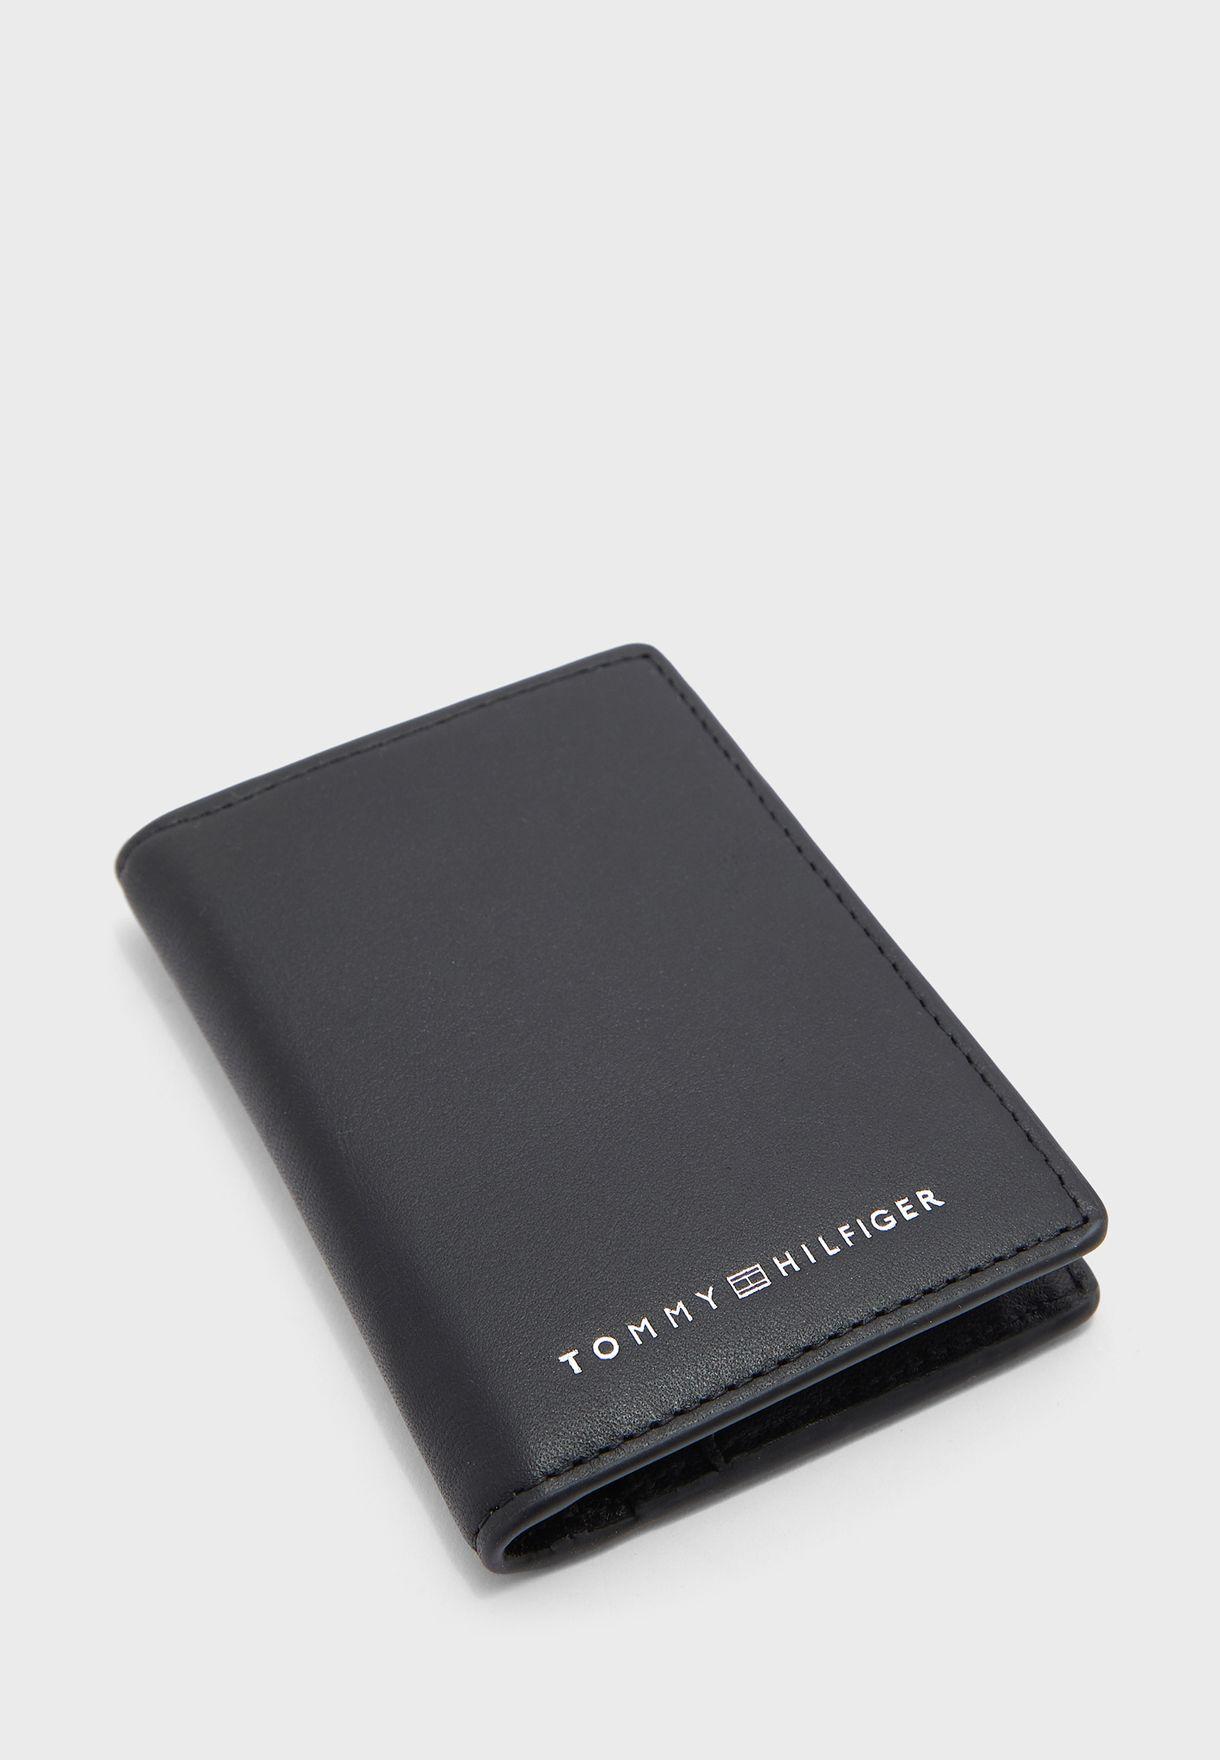 محفظة مطوية بشعار الماركة